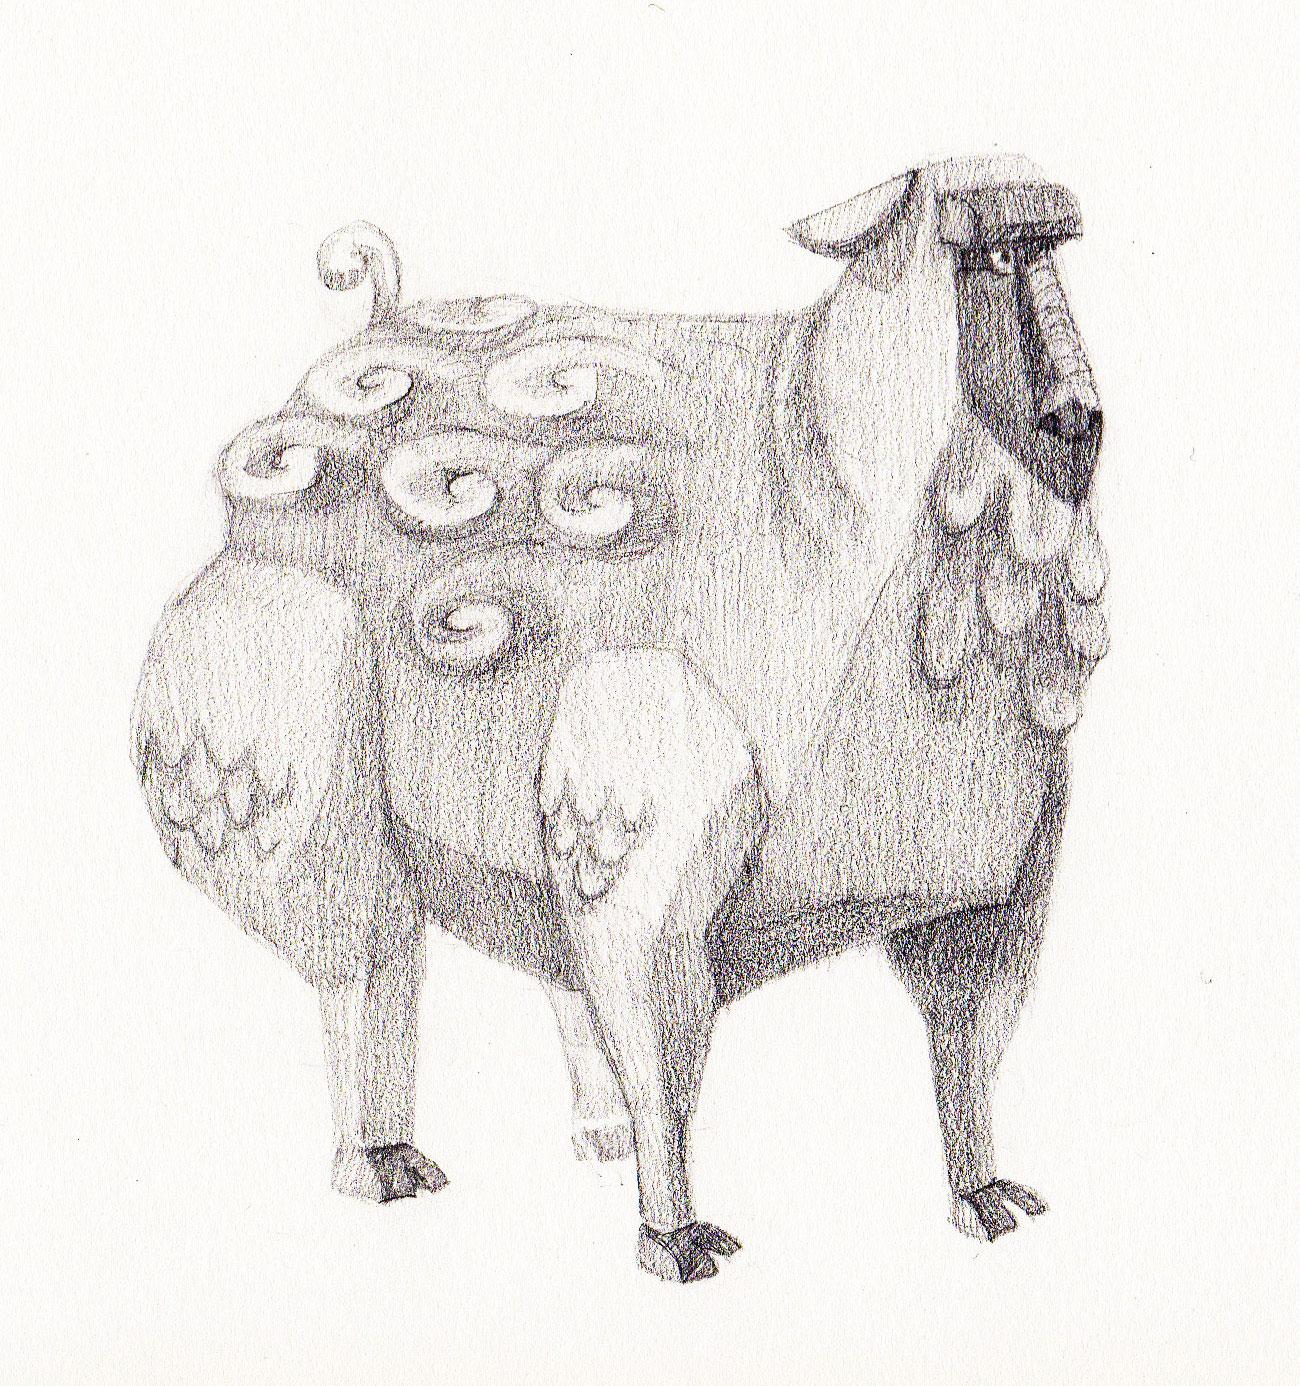 Christmas_Sheep_002.jpg